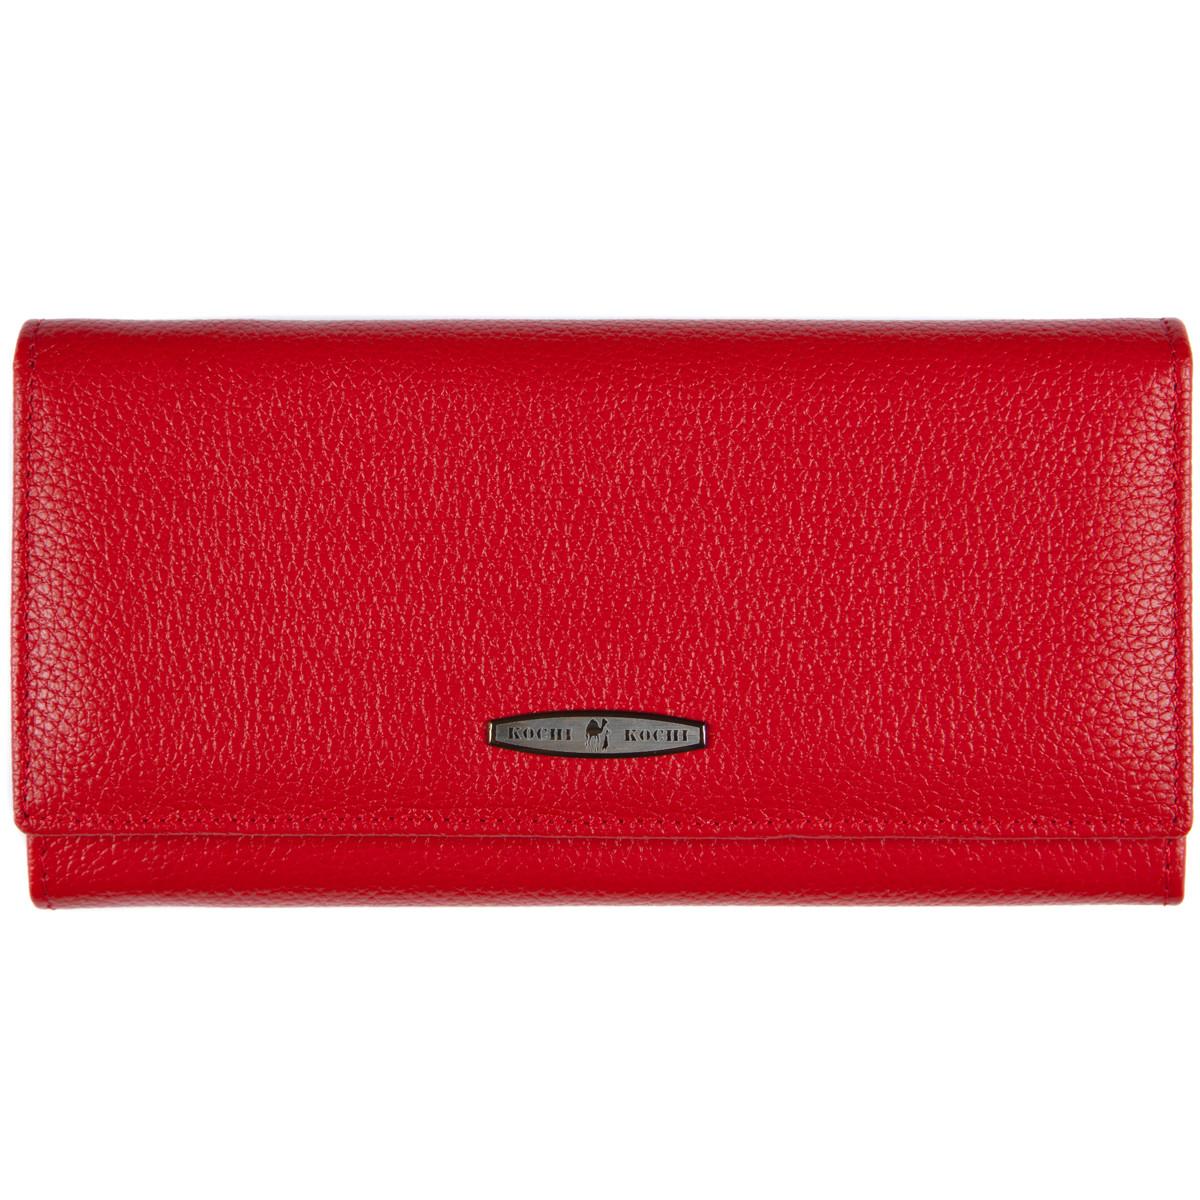 Кожаный женский кошелёк KOCHI красный 185х90х30 застёжка кнопка  м К-В124кр